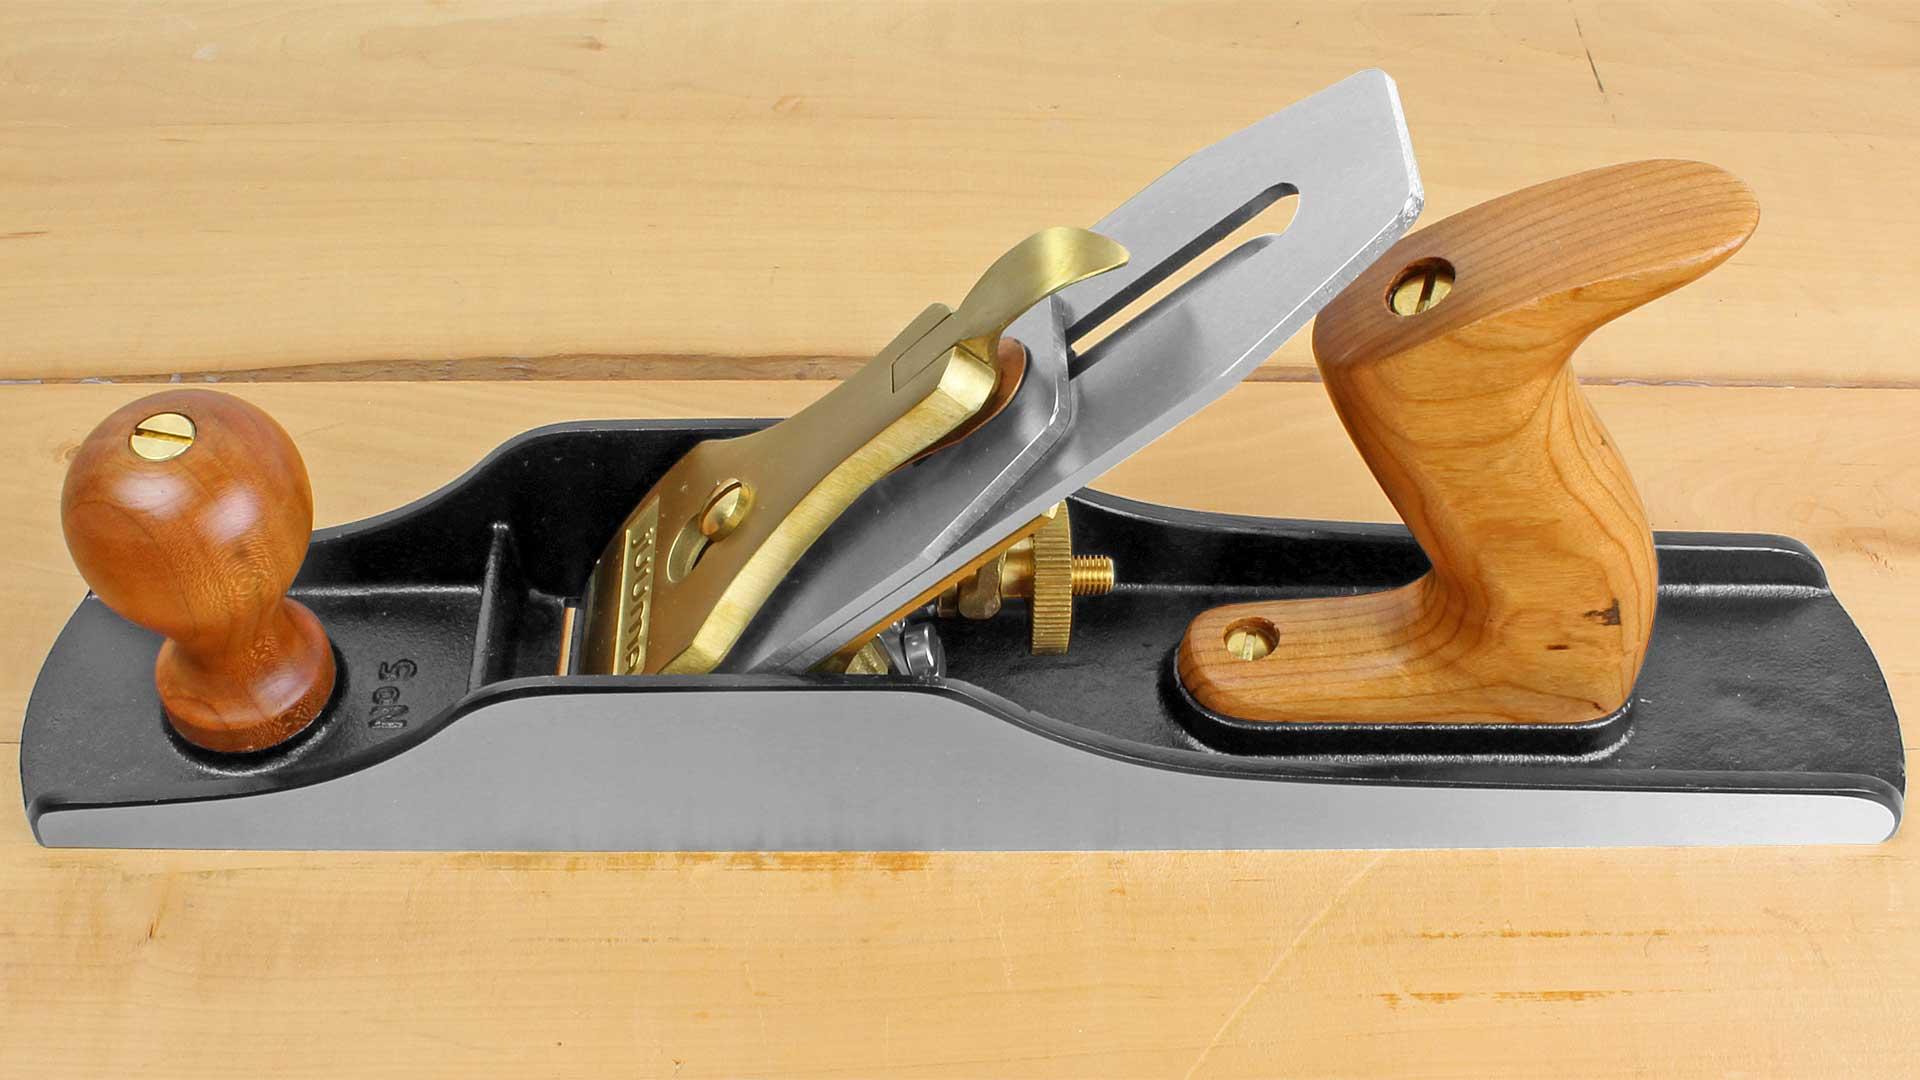 18mm Messerbreite IBEX Handhobel GEW/ÖLBTE Sohle 46mm Werkzeugl/änge des Hobels